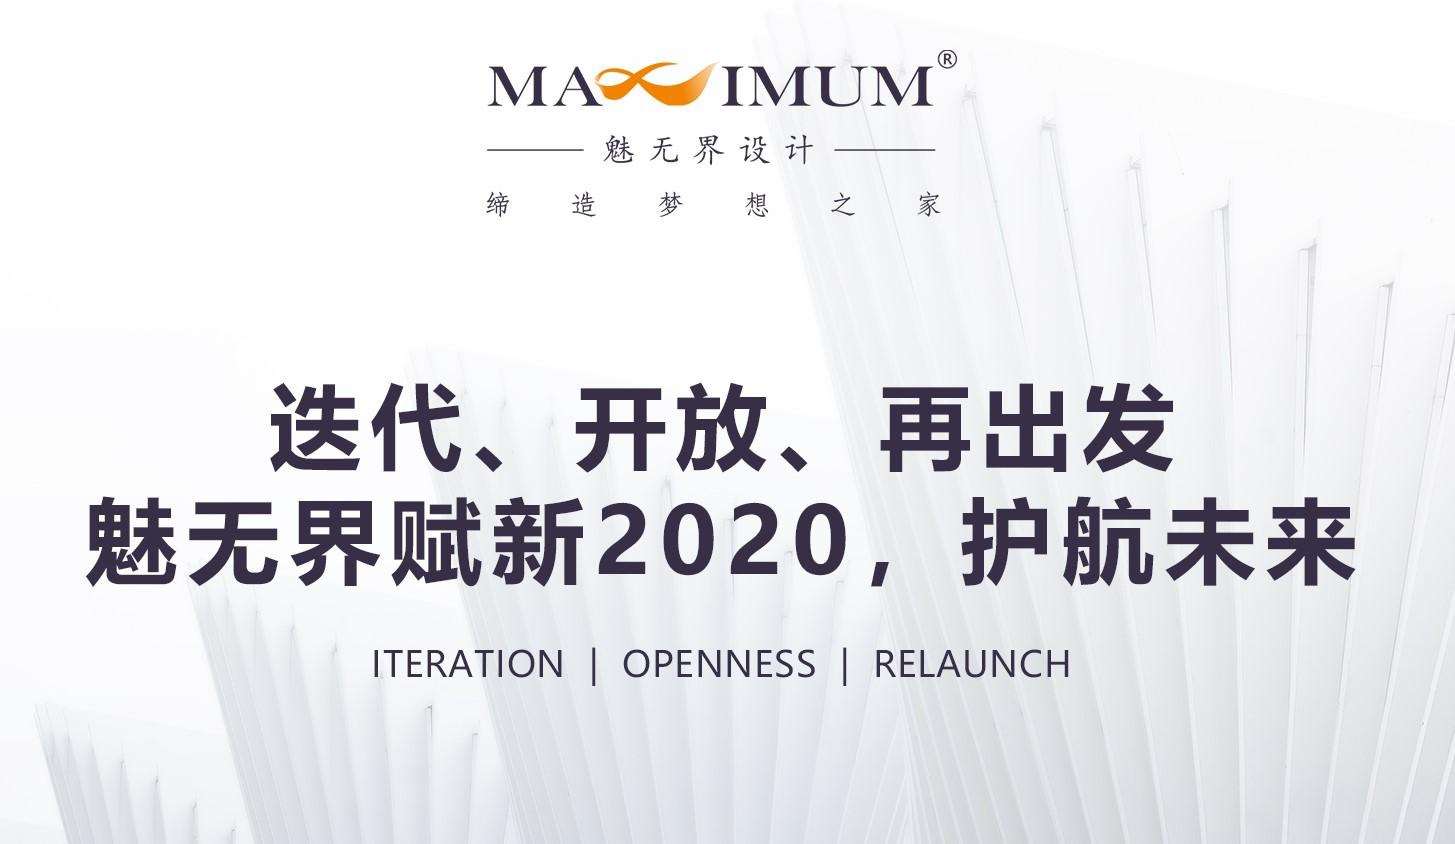 魅无界设计:迭代、开放、再出发!2020启动管理运营模式分享